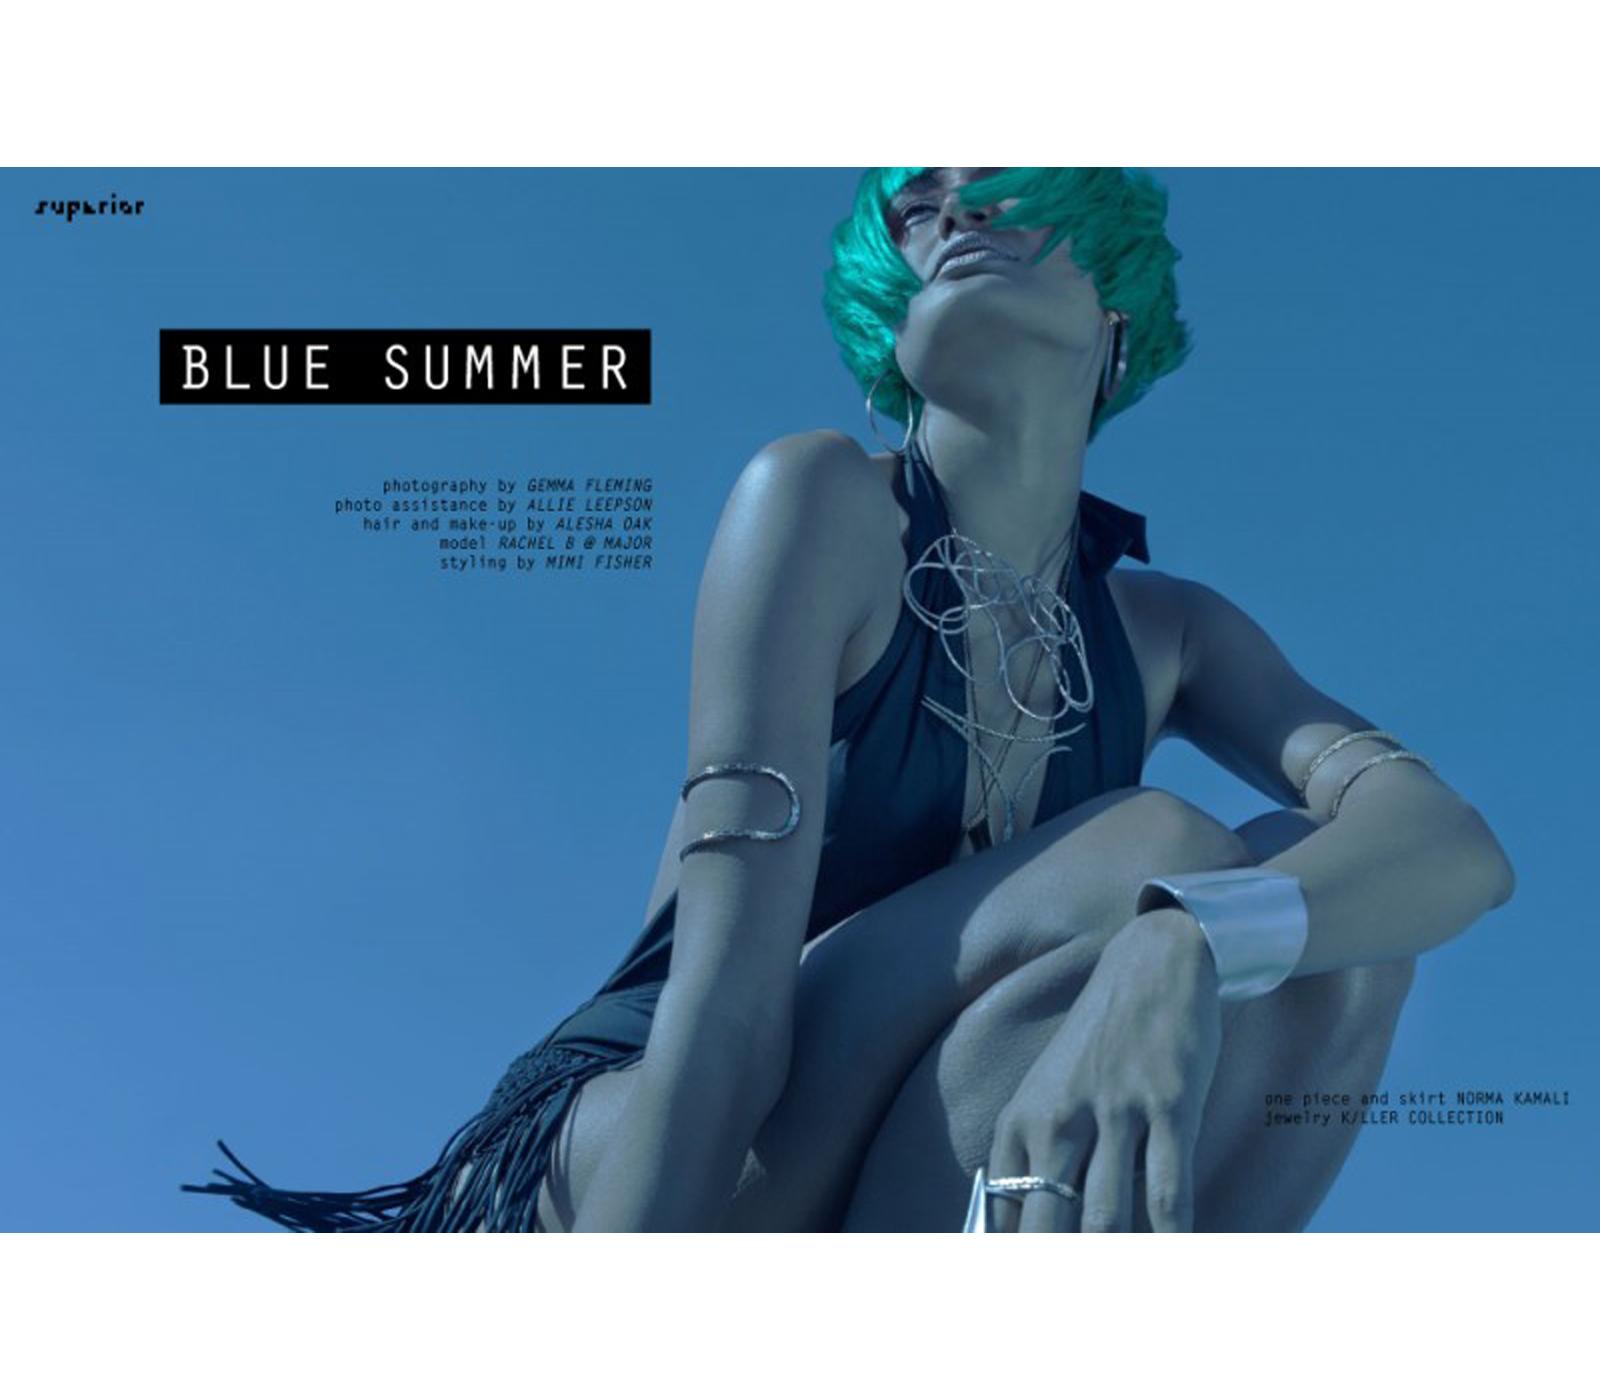 blue-summer-11-800x533 copy.png